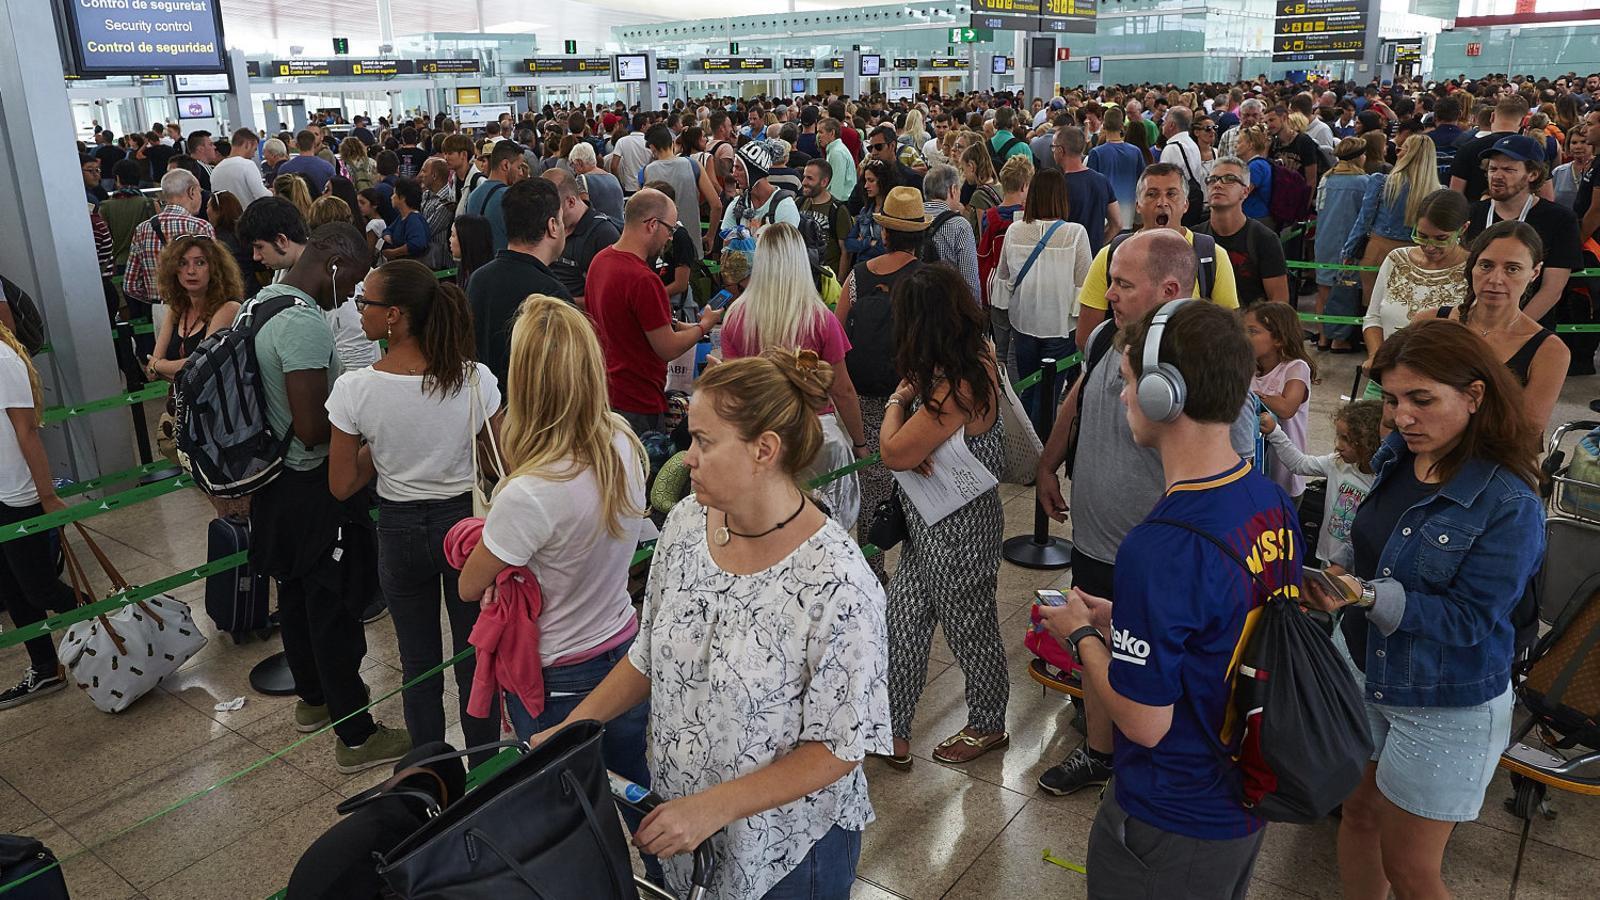 S'enquista el conflicte laboral dels vigilants de l'aeroport del Prat